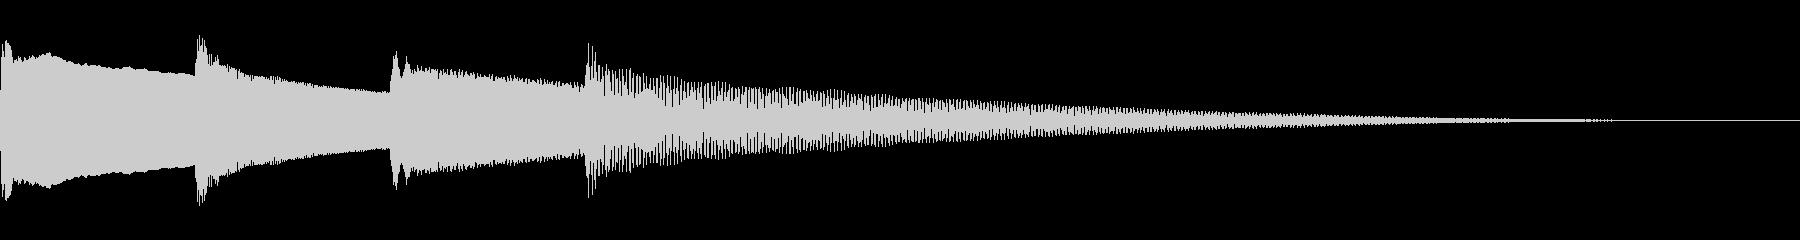 呼び出しベル 下降(ピンポンパンポーン)の未再生の波形